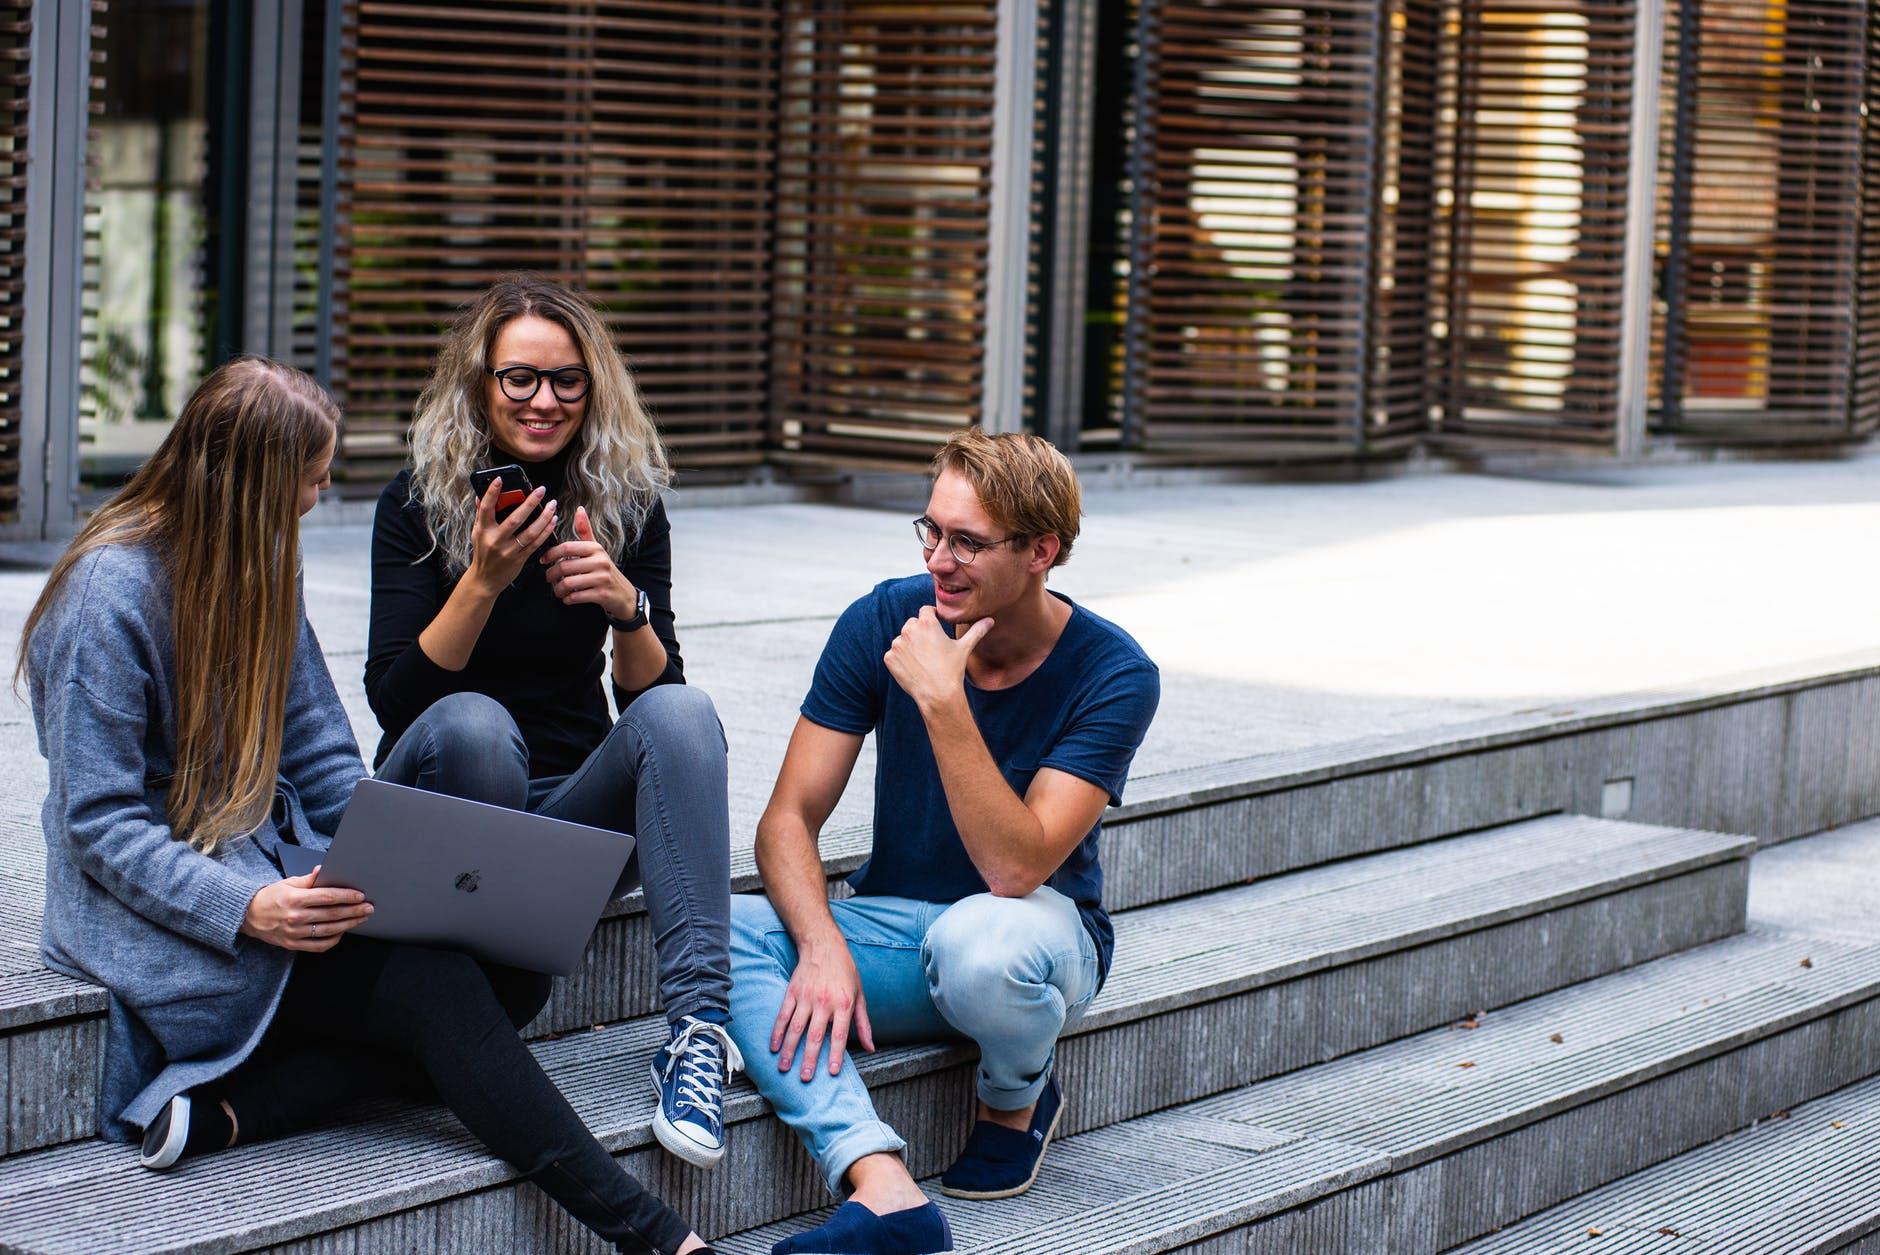 El rol de los estudiantes en el conectismo